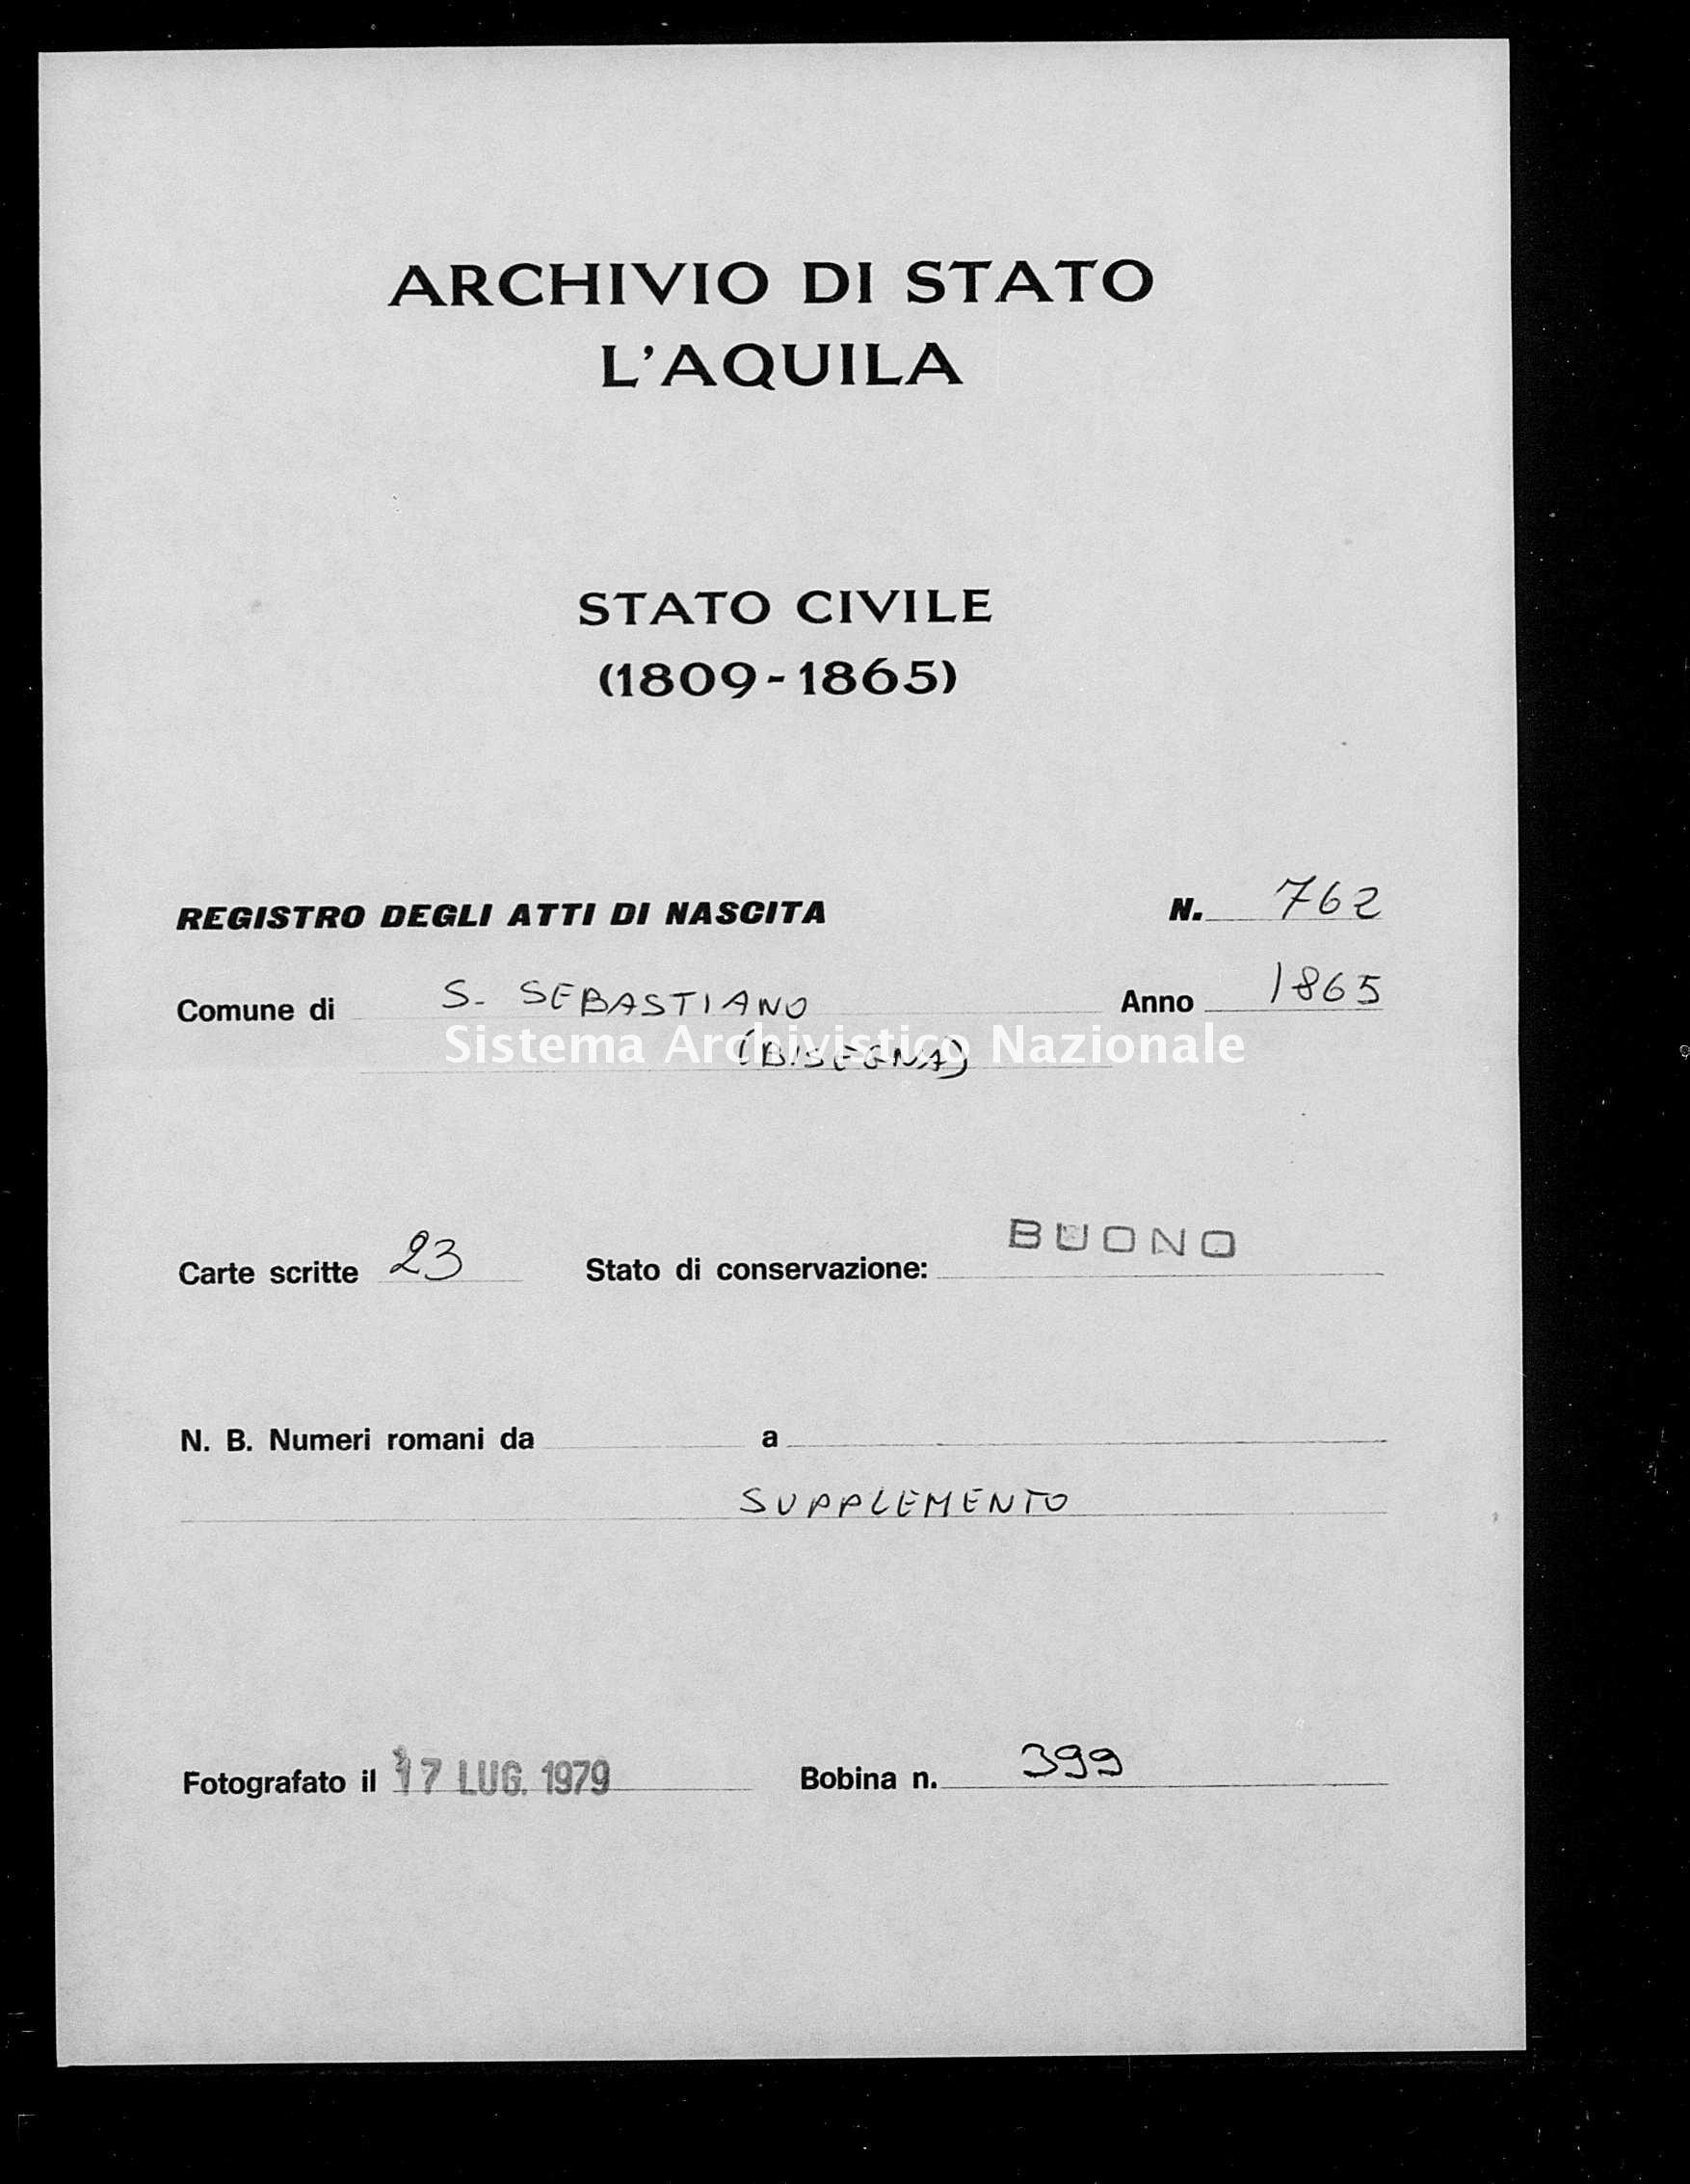 Archivio di stato di L'aquila - Stato civile italiano - San Sebastiano - Nati, battesimi - 1865 - 762 -